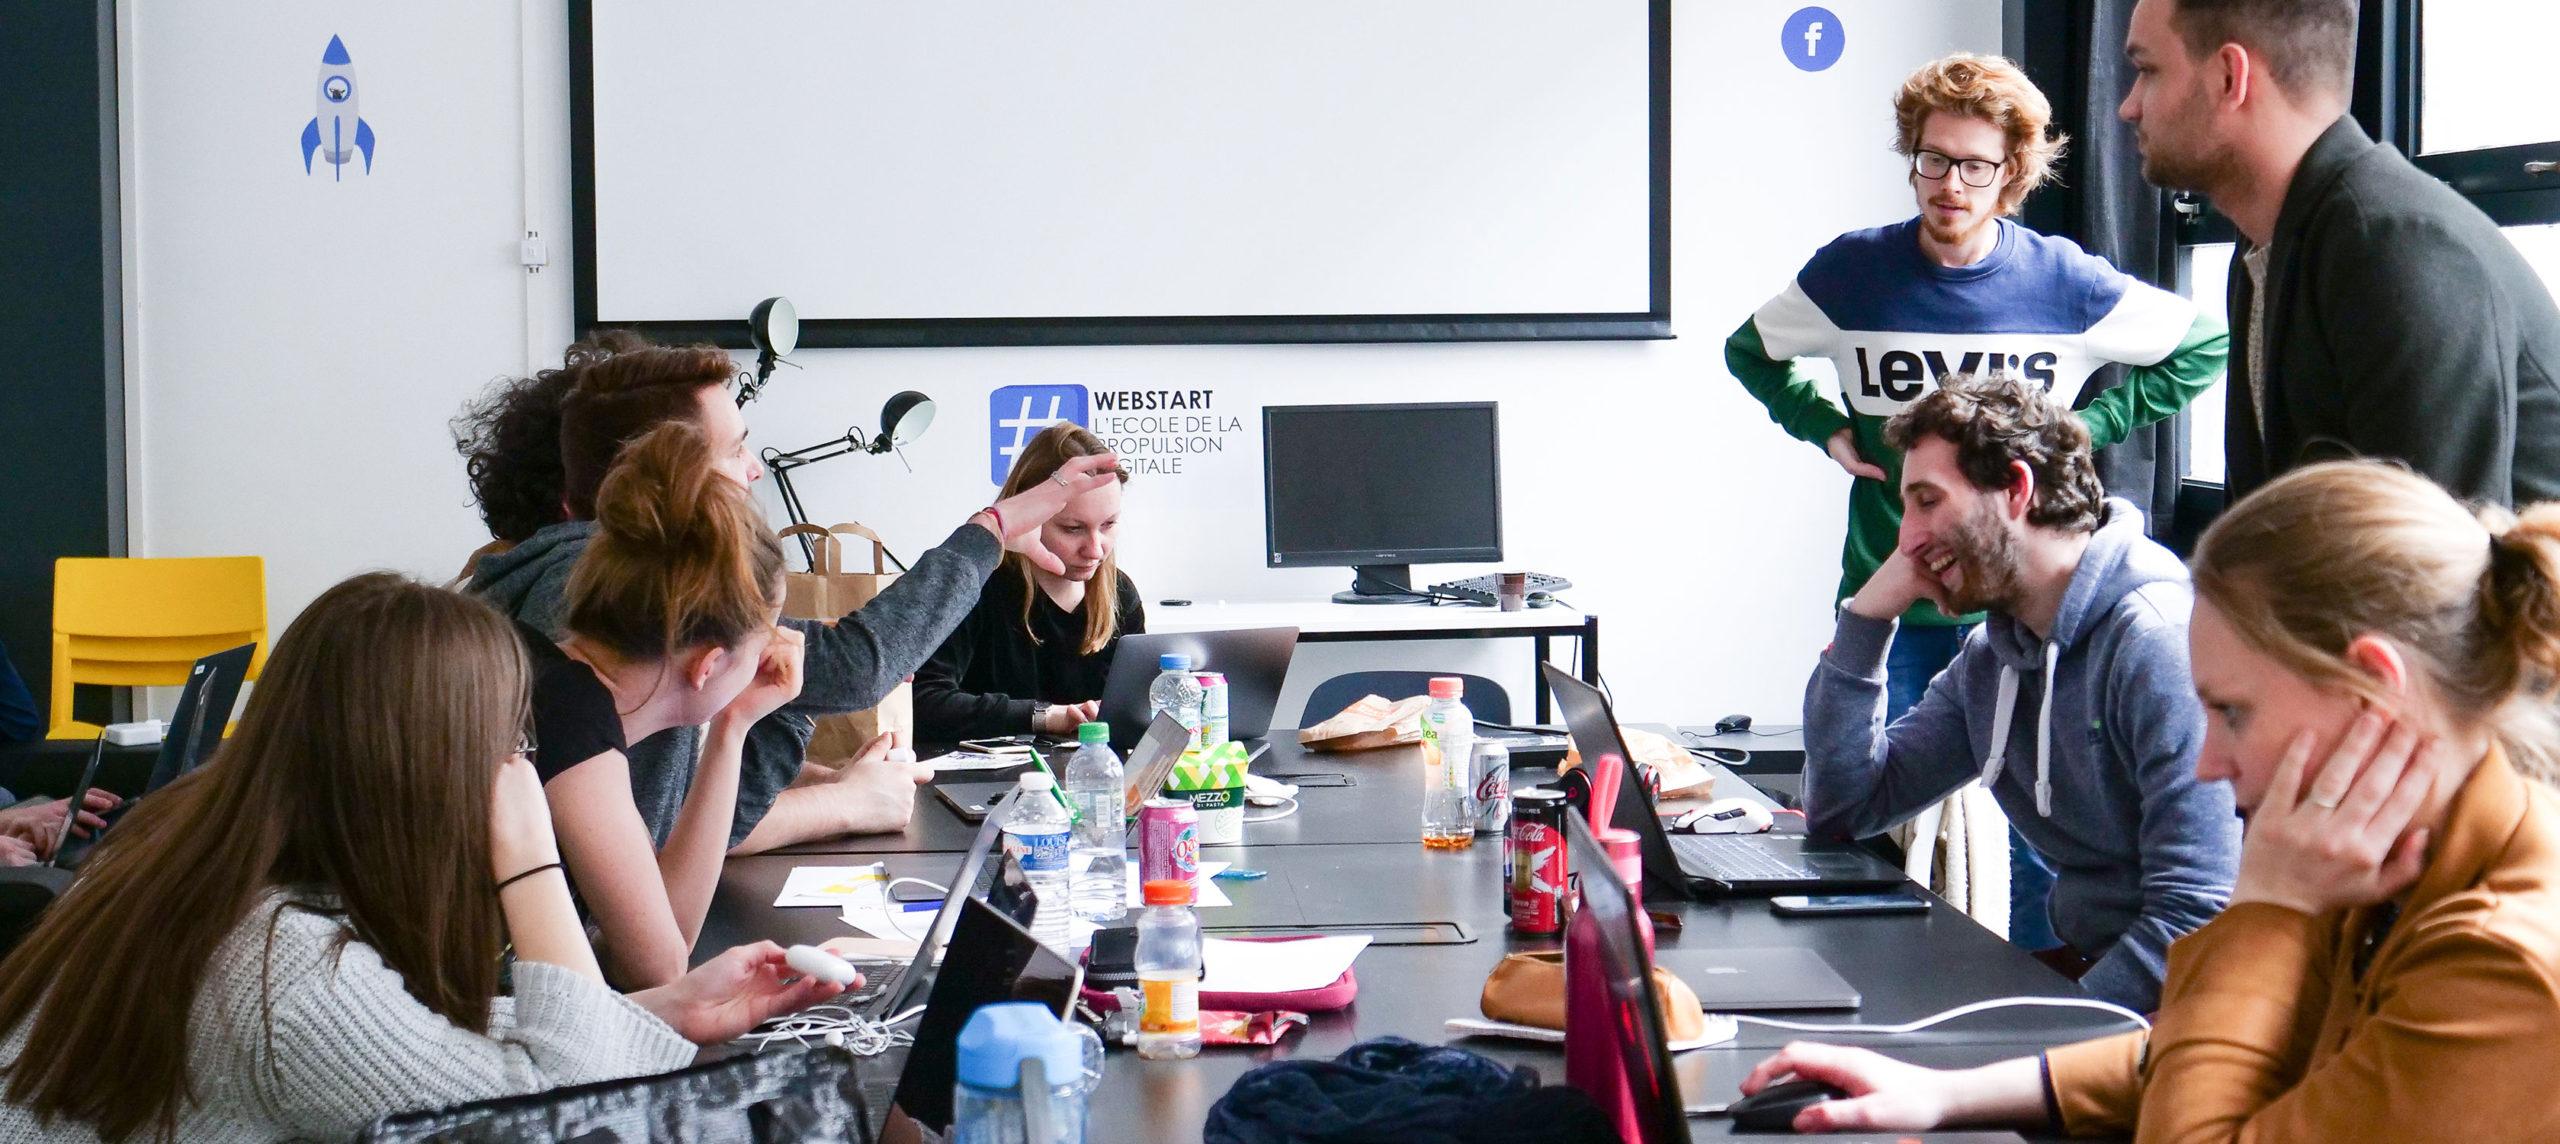 Webstart locaux Lille durant un cours avec des élèves